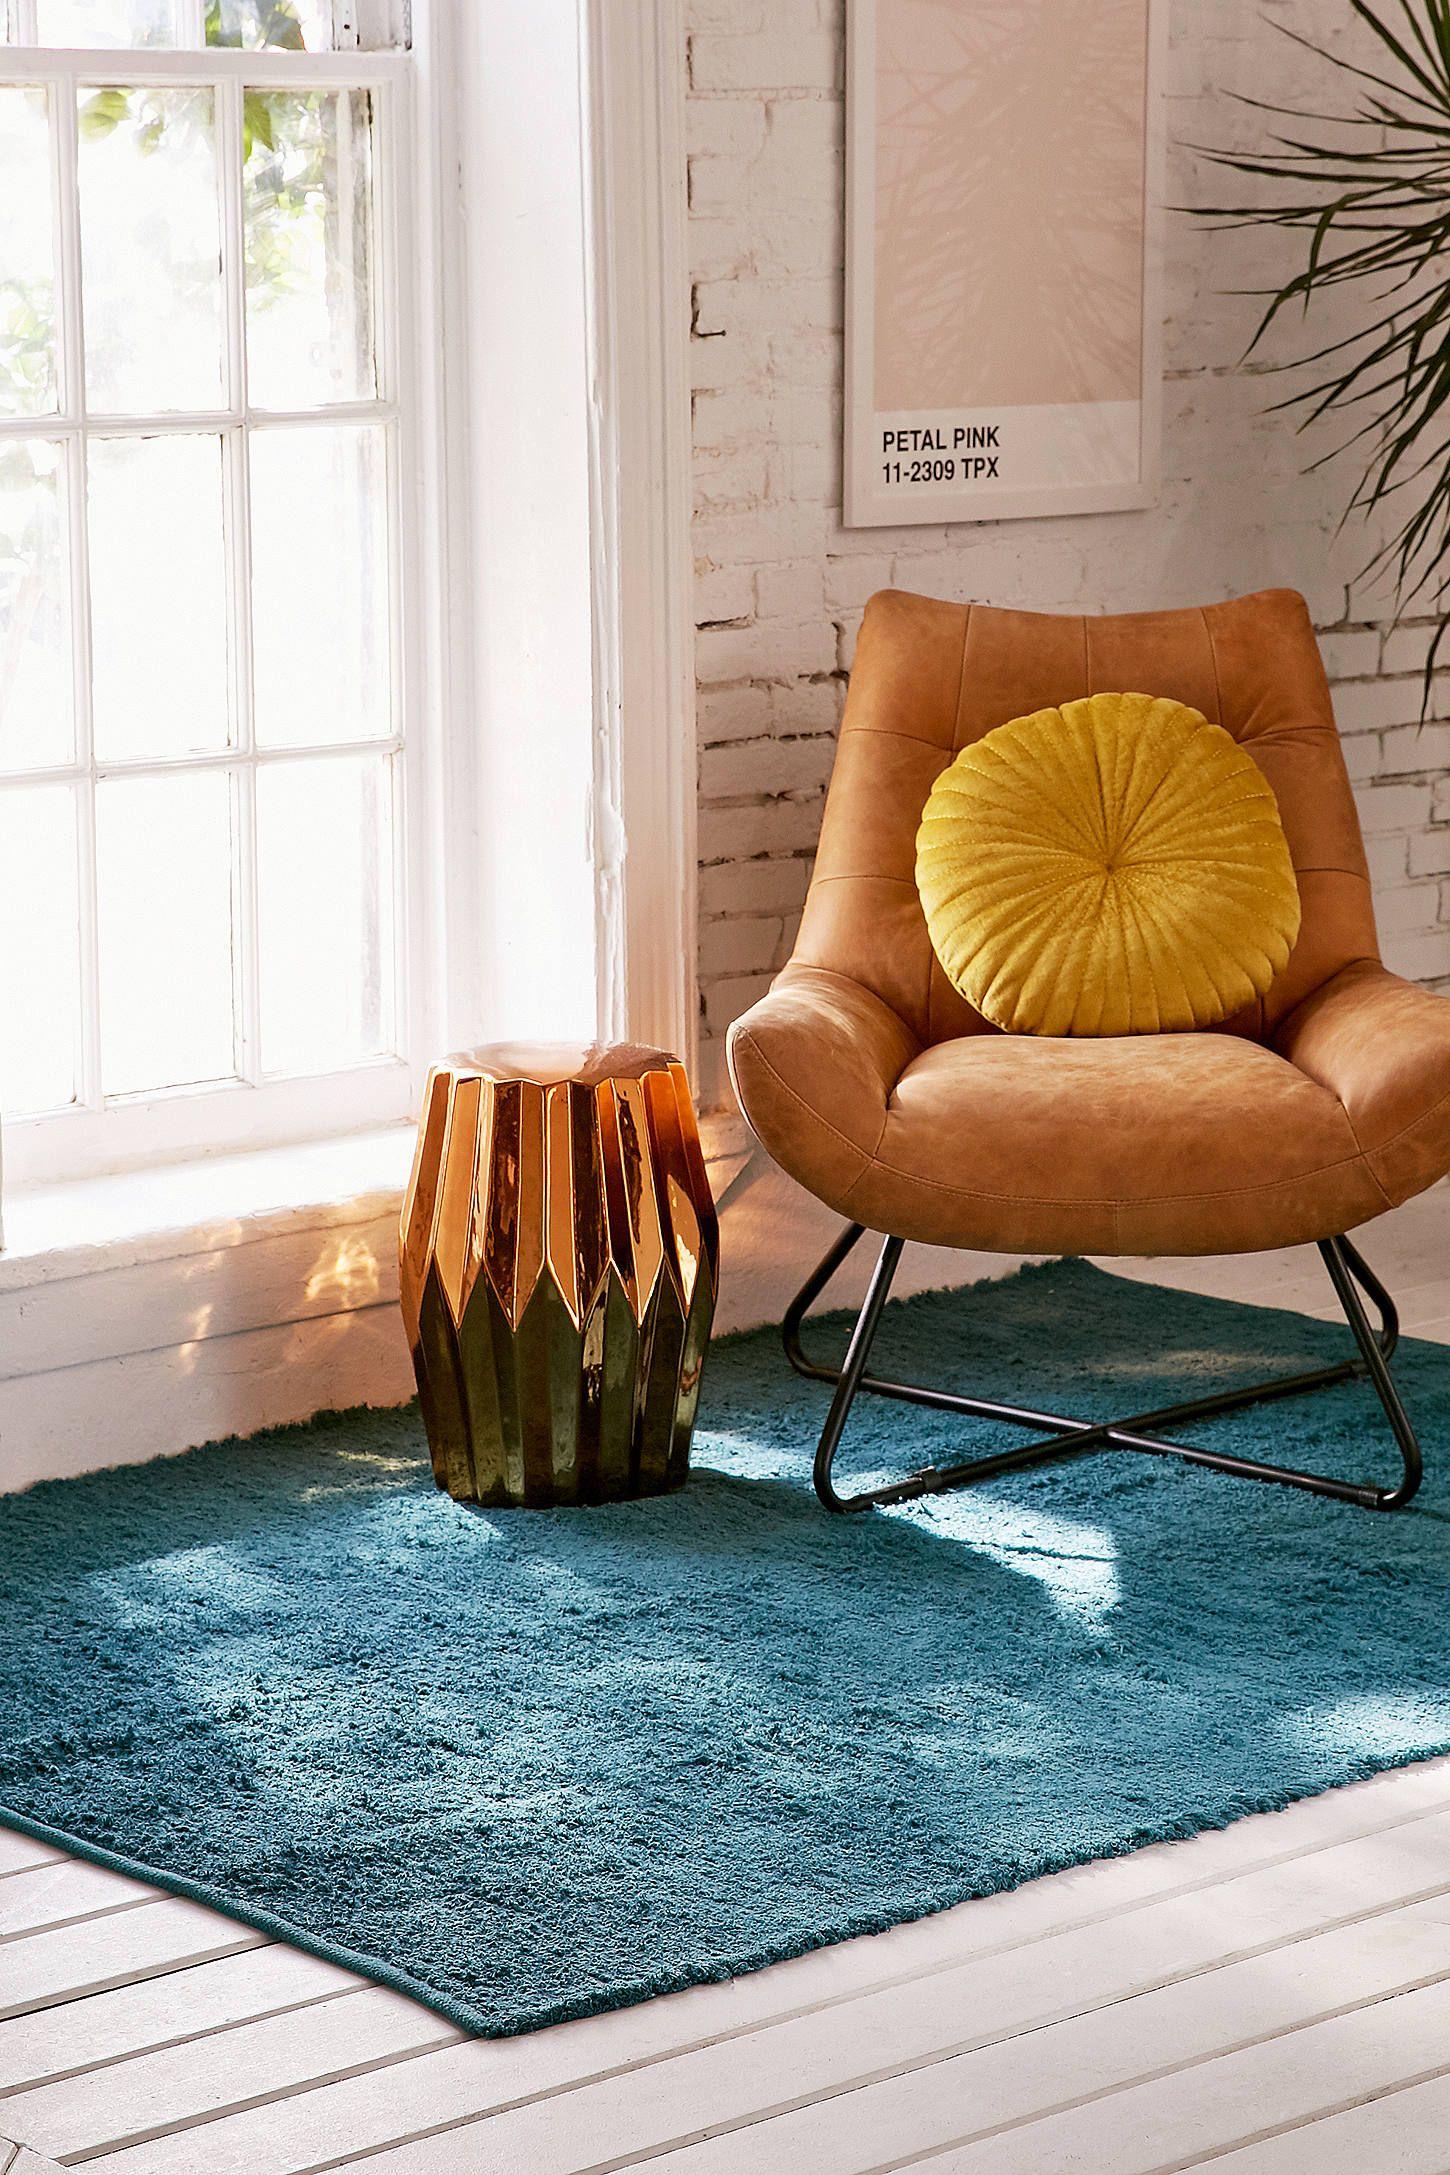 """Shoppe heute noch Zotteliger Teppich """"Dani"""" in Blau 5 x 7 Fuß von Urban Outfitters Wir haben hier alle neuesten Styles Farben und Marken zur Wahl"""